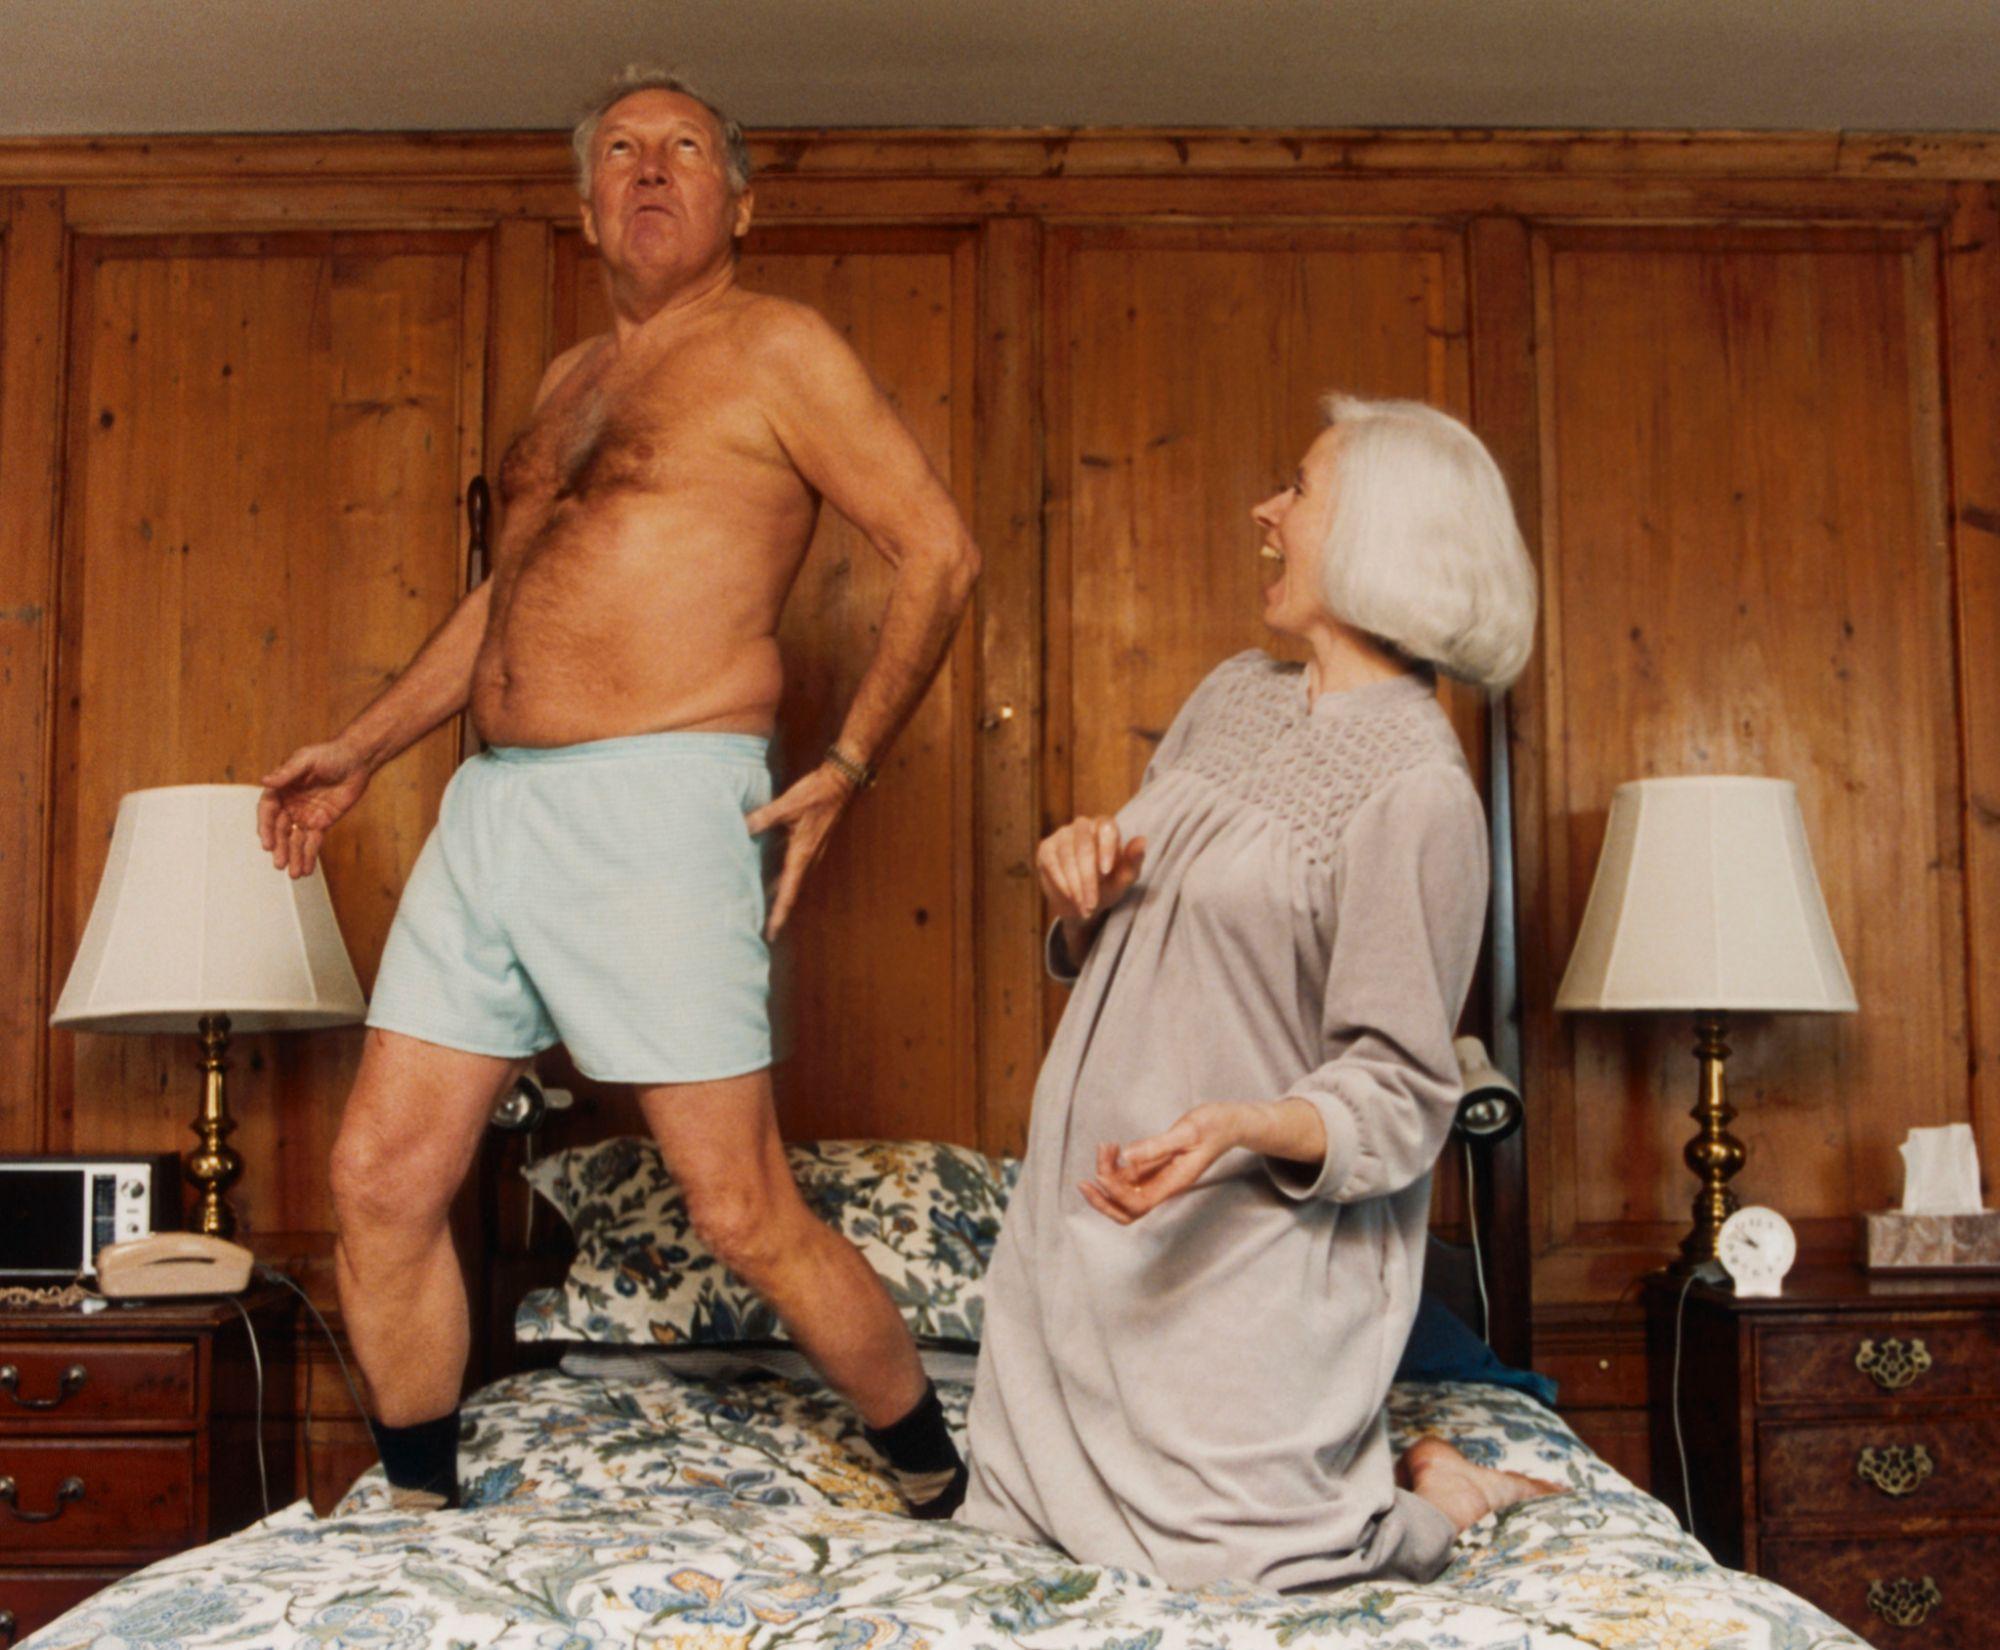 Paginas De Sexso el sexo no tiene edad: ¡mueran los prejuicios!   lifestyle